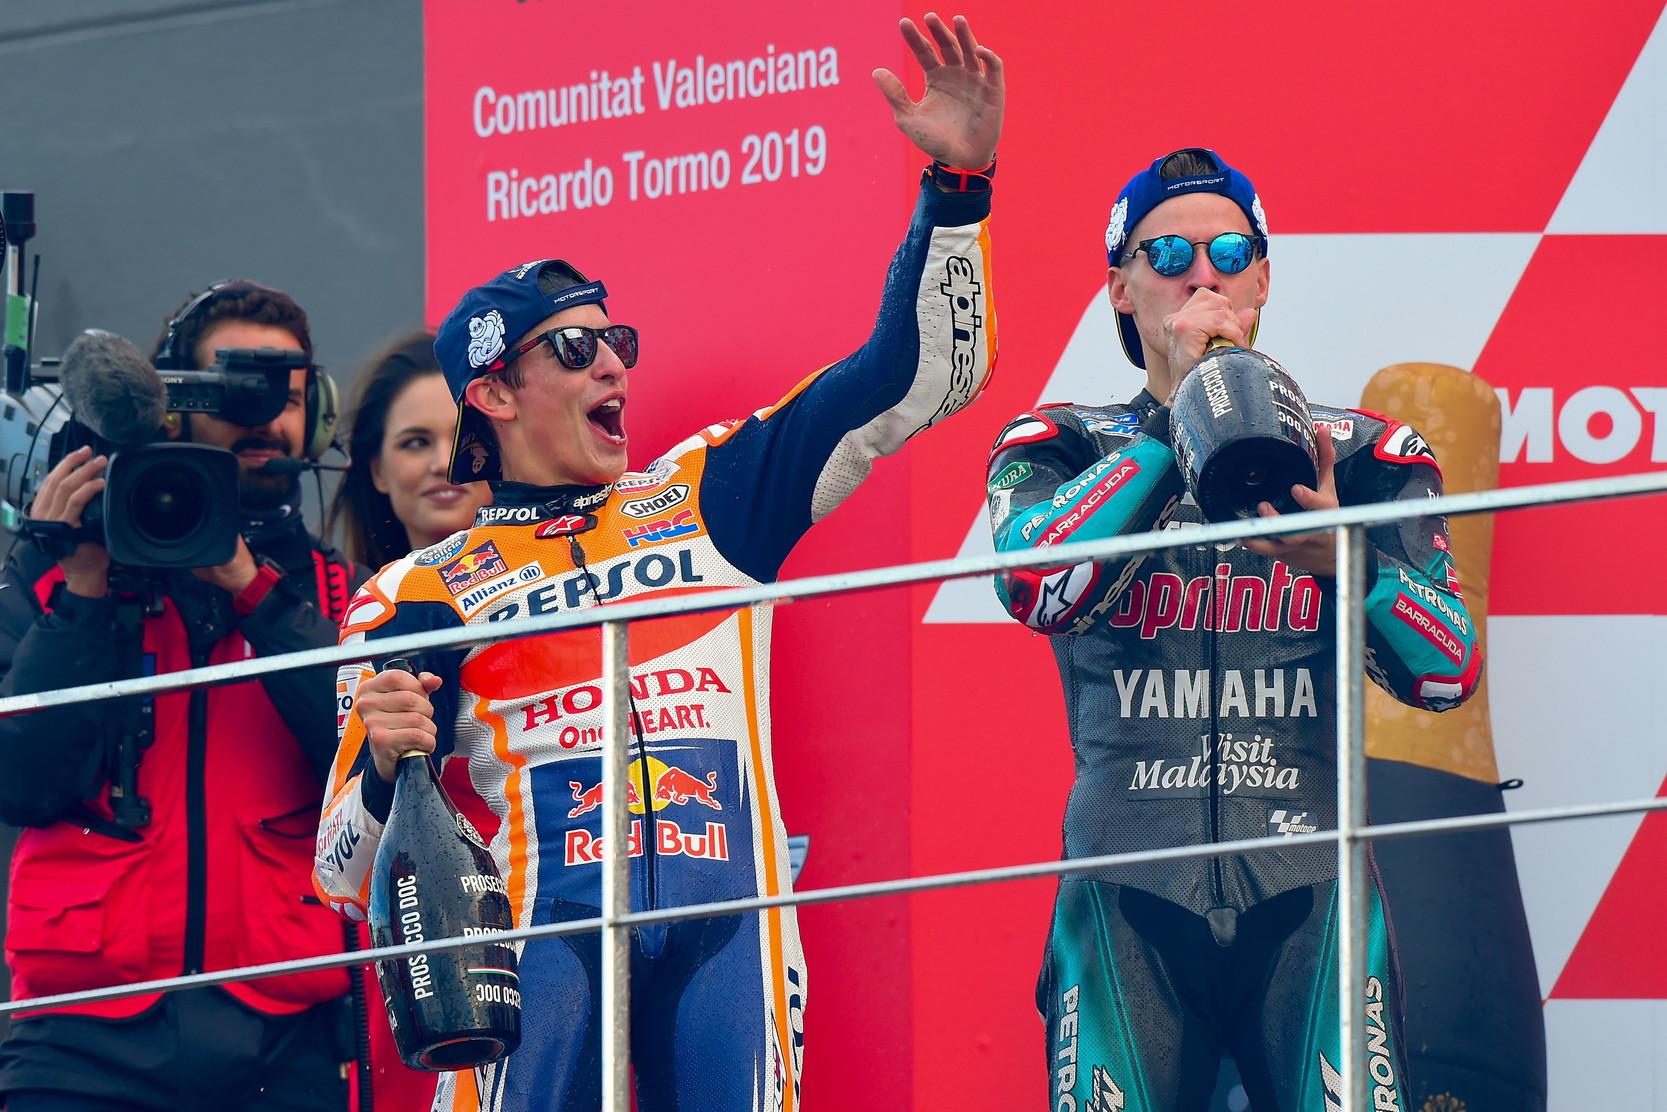 Il campione del mondo domina anche la gara conclusiva a Valencia e regala il triplete alla Honda: titolo piloti, costruttori e team vanno in Giappone